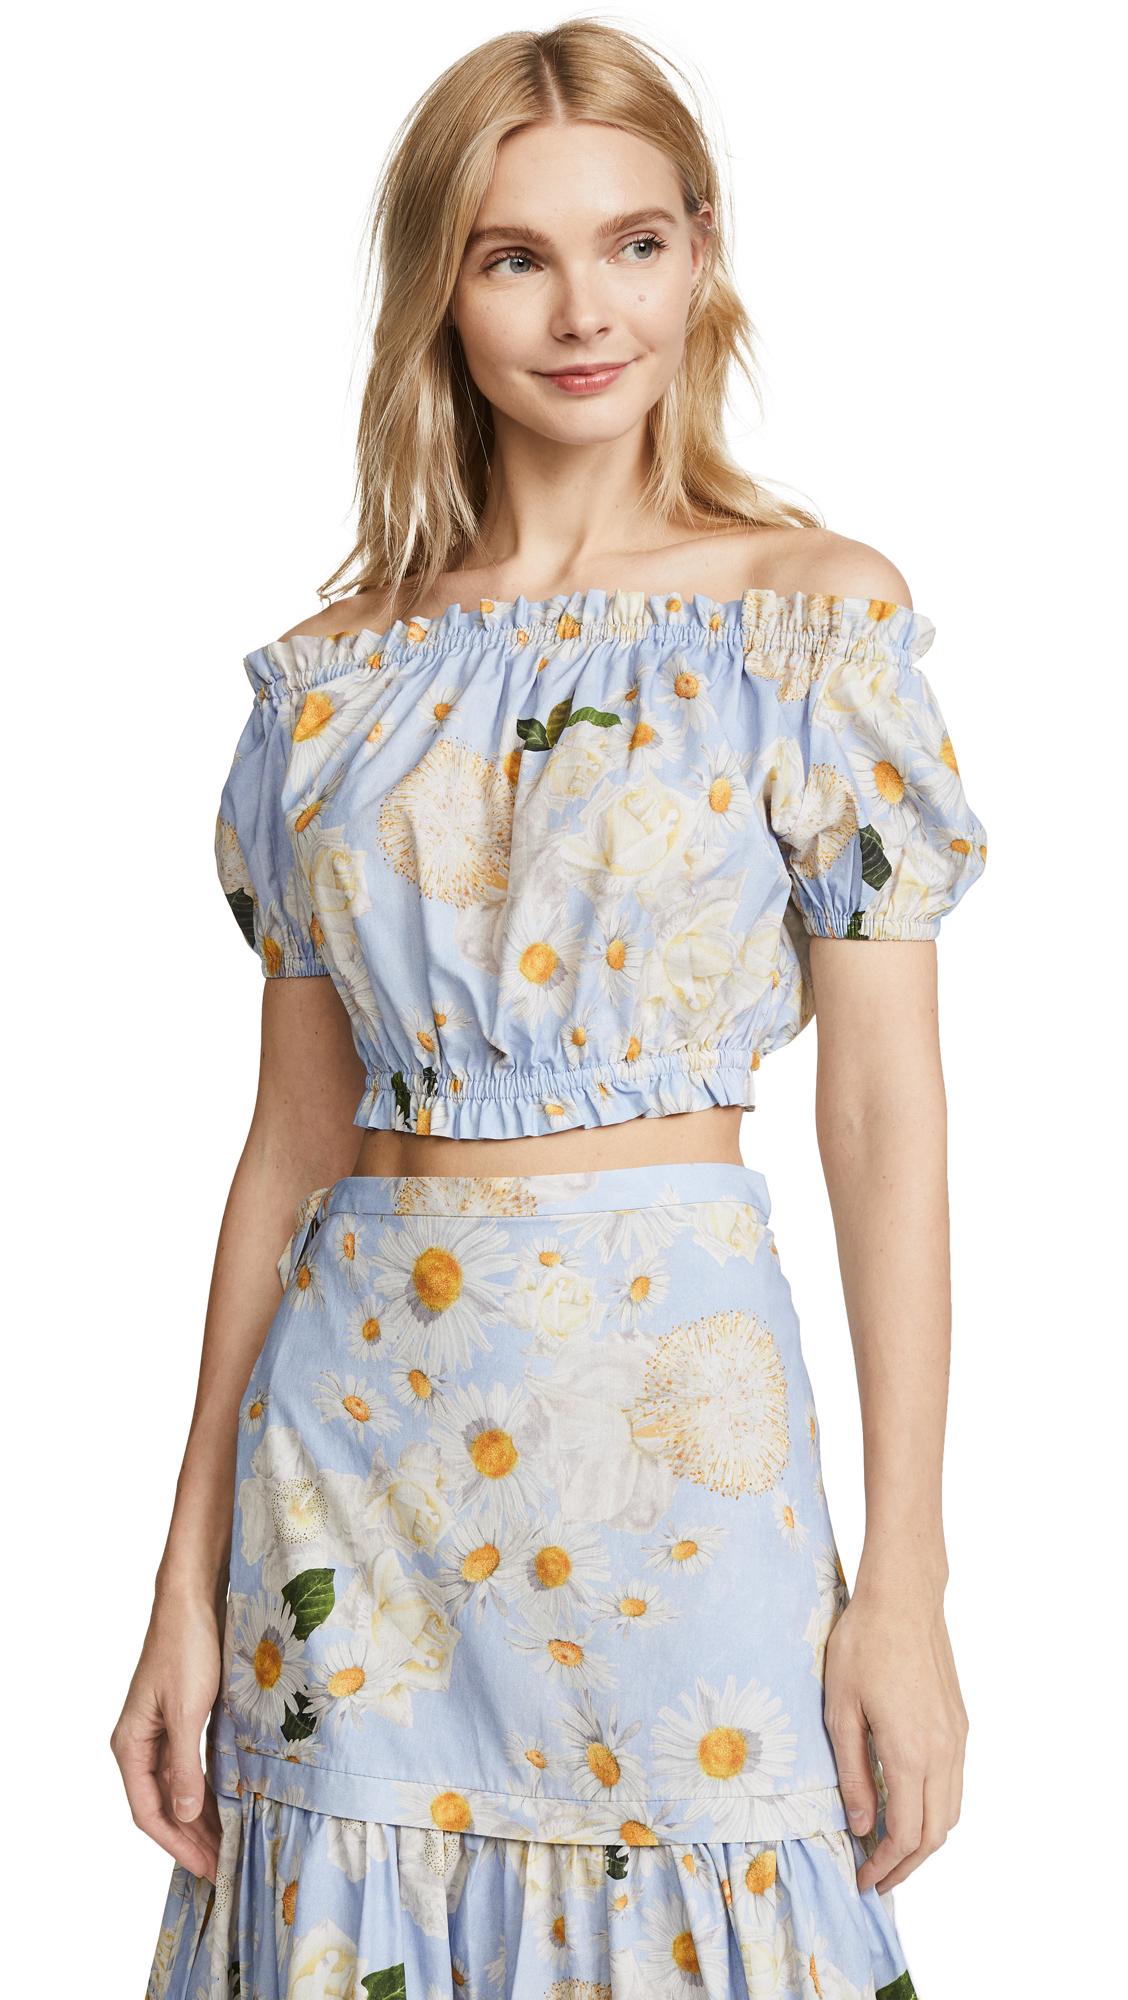 Isolda Ella Crop Top - Blue Floral